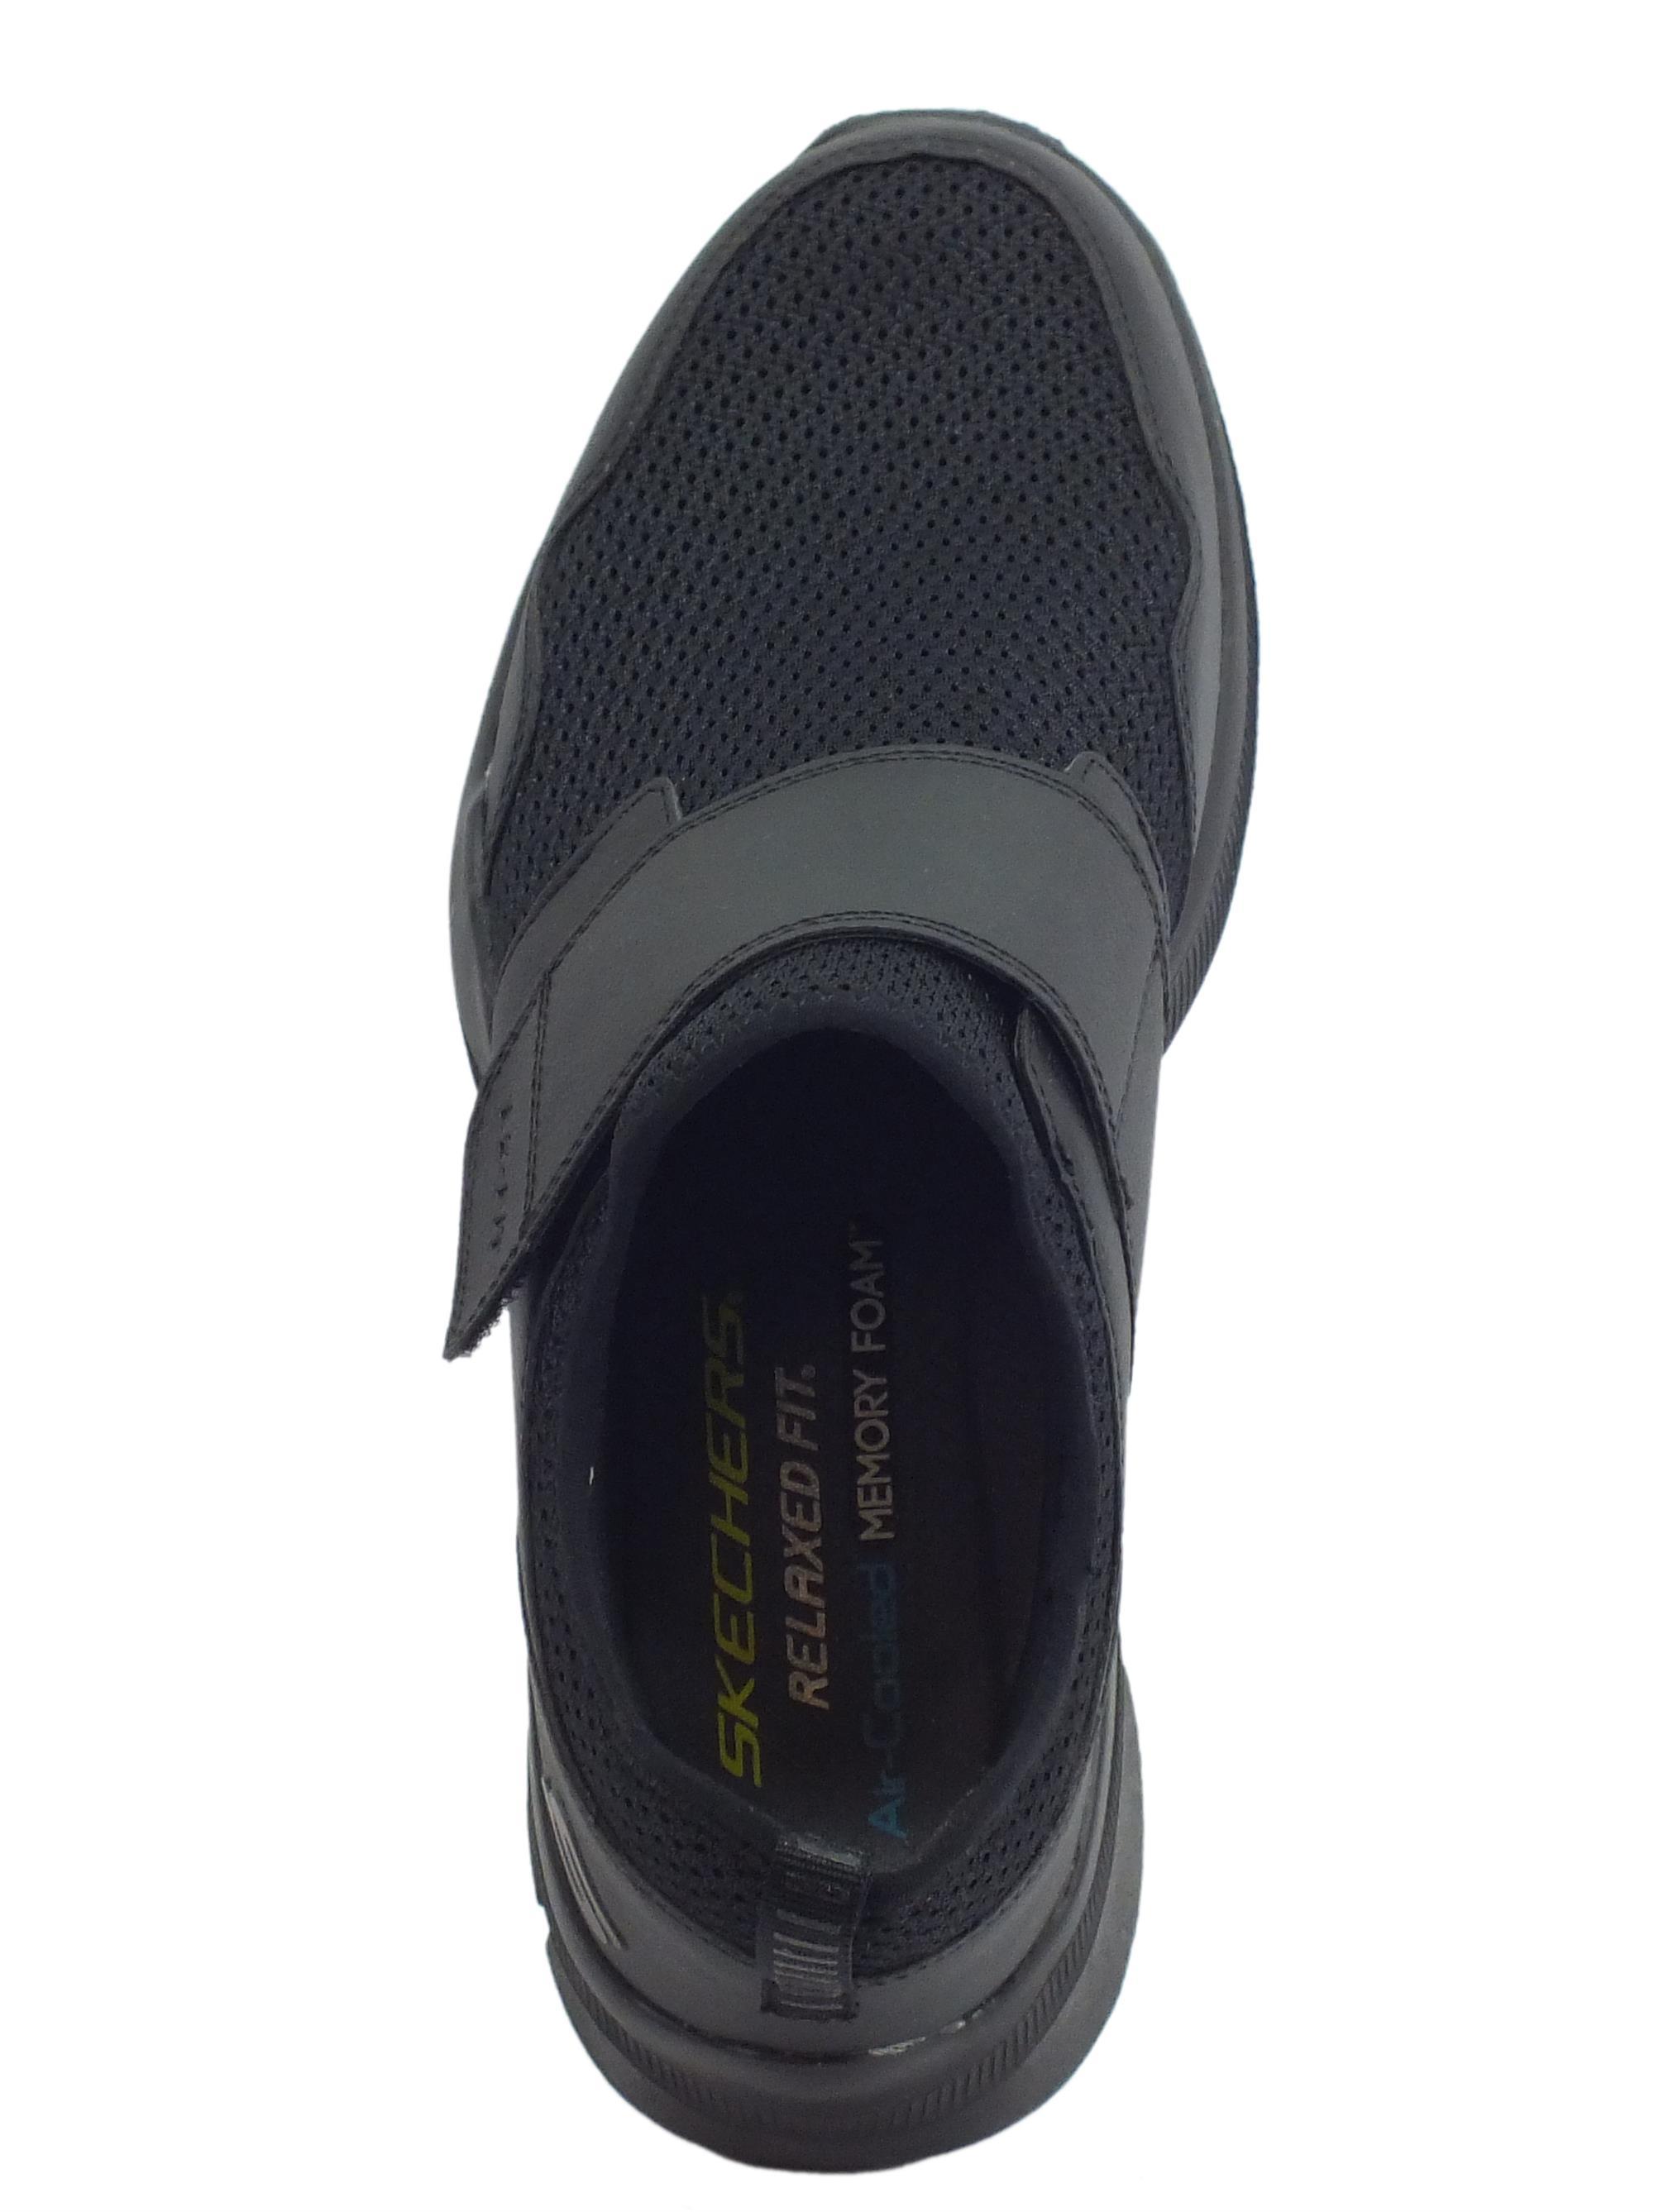 ... Scarpe Skechers RelaxedFIT BERNARE per uomo in tessuto nero chiusura a  strappo fb65bbb3b0e